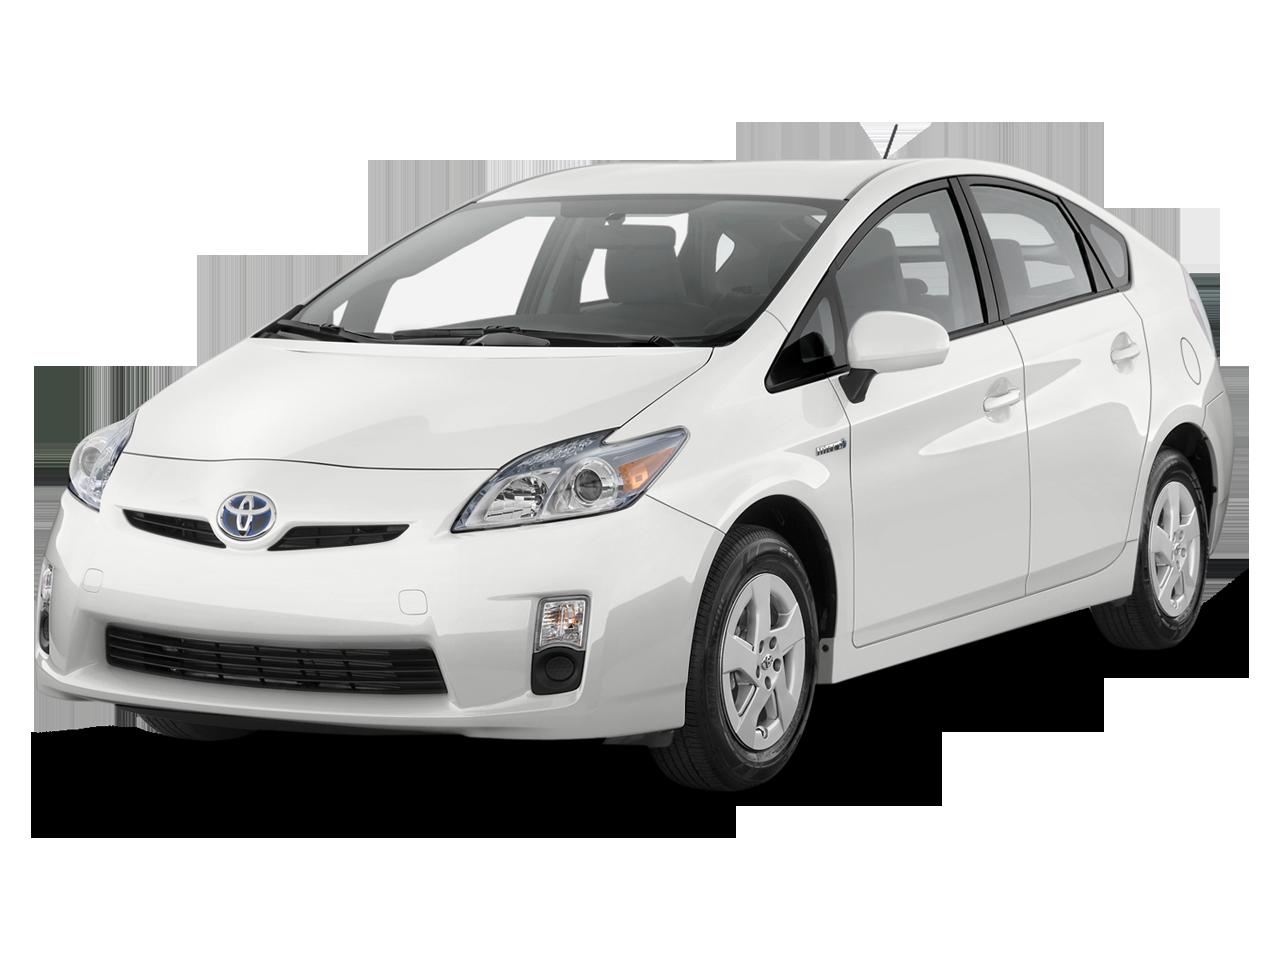 Лобовое стекло на Toyota Prius (Хетчбек) (2003-2009)